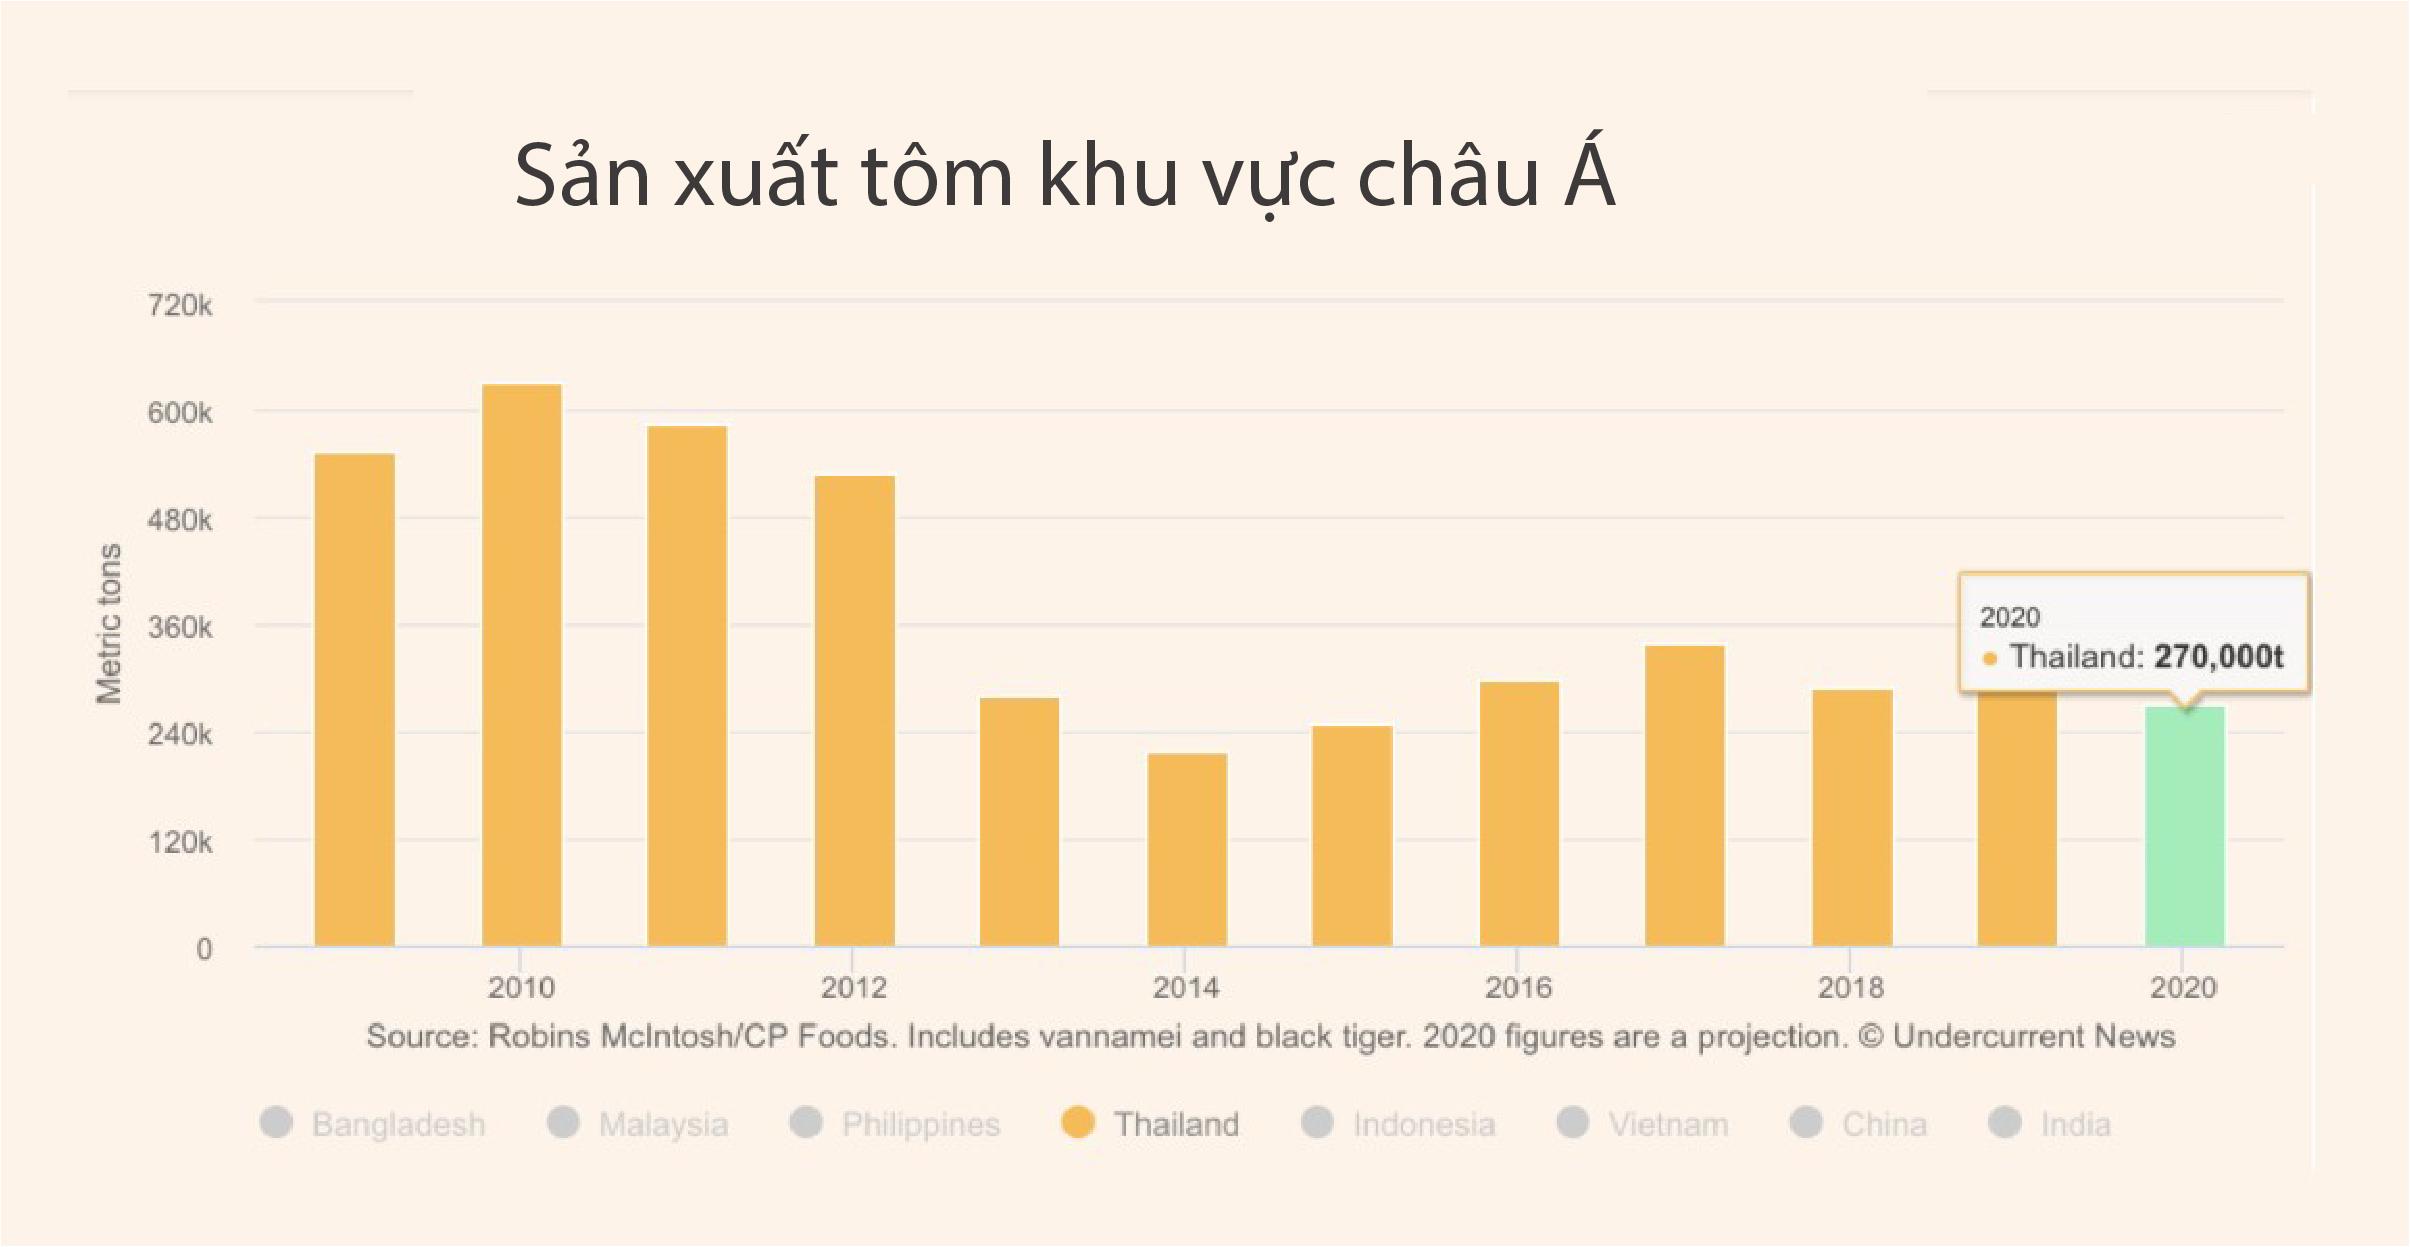 Giá tôm Thái Lan tăng trở lại khi nhu cầu của Mỹ, Trung Quốc phục hồi - Ảnh 3.